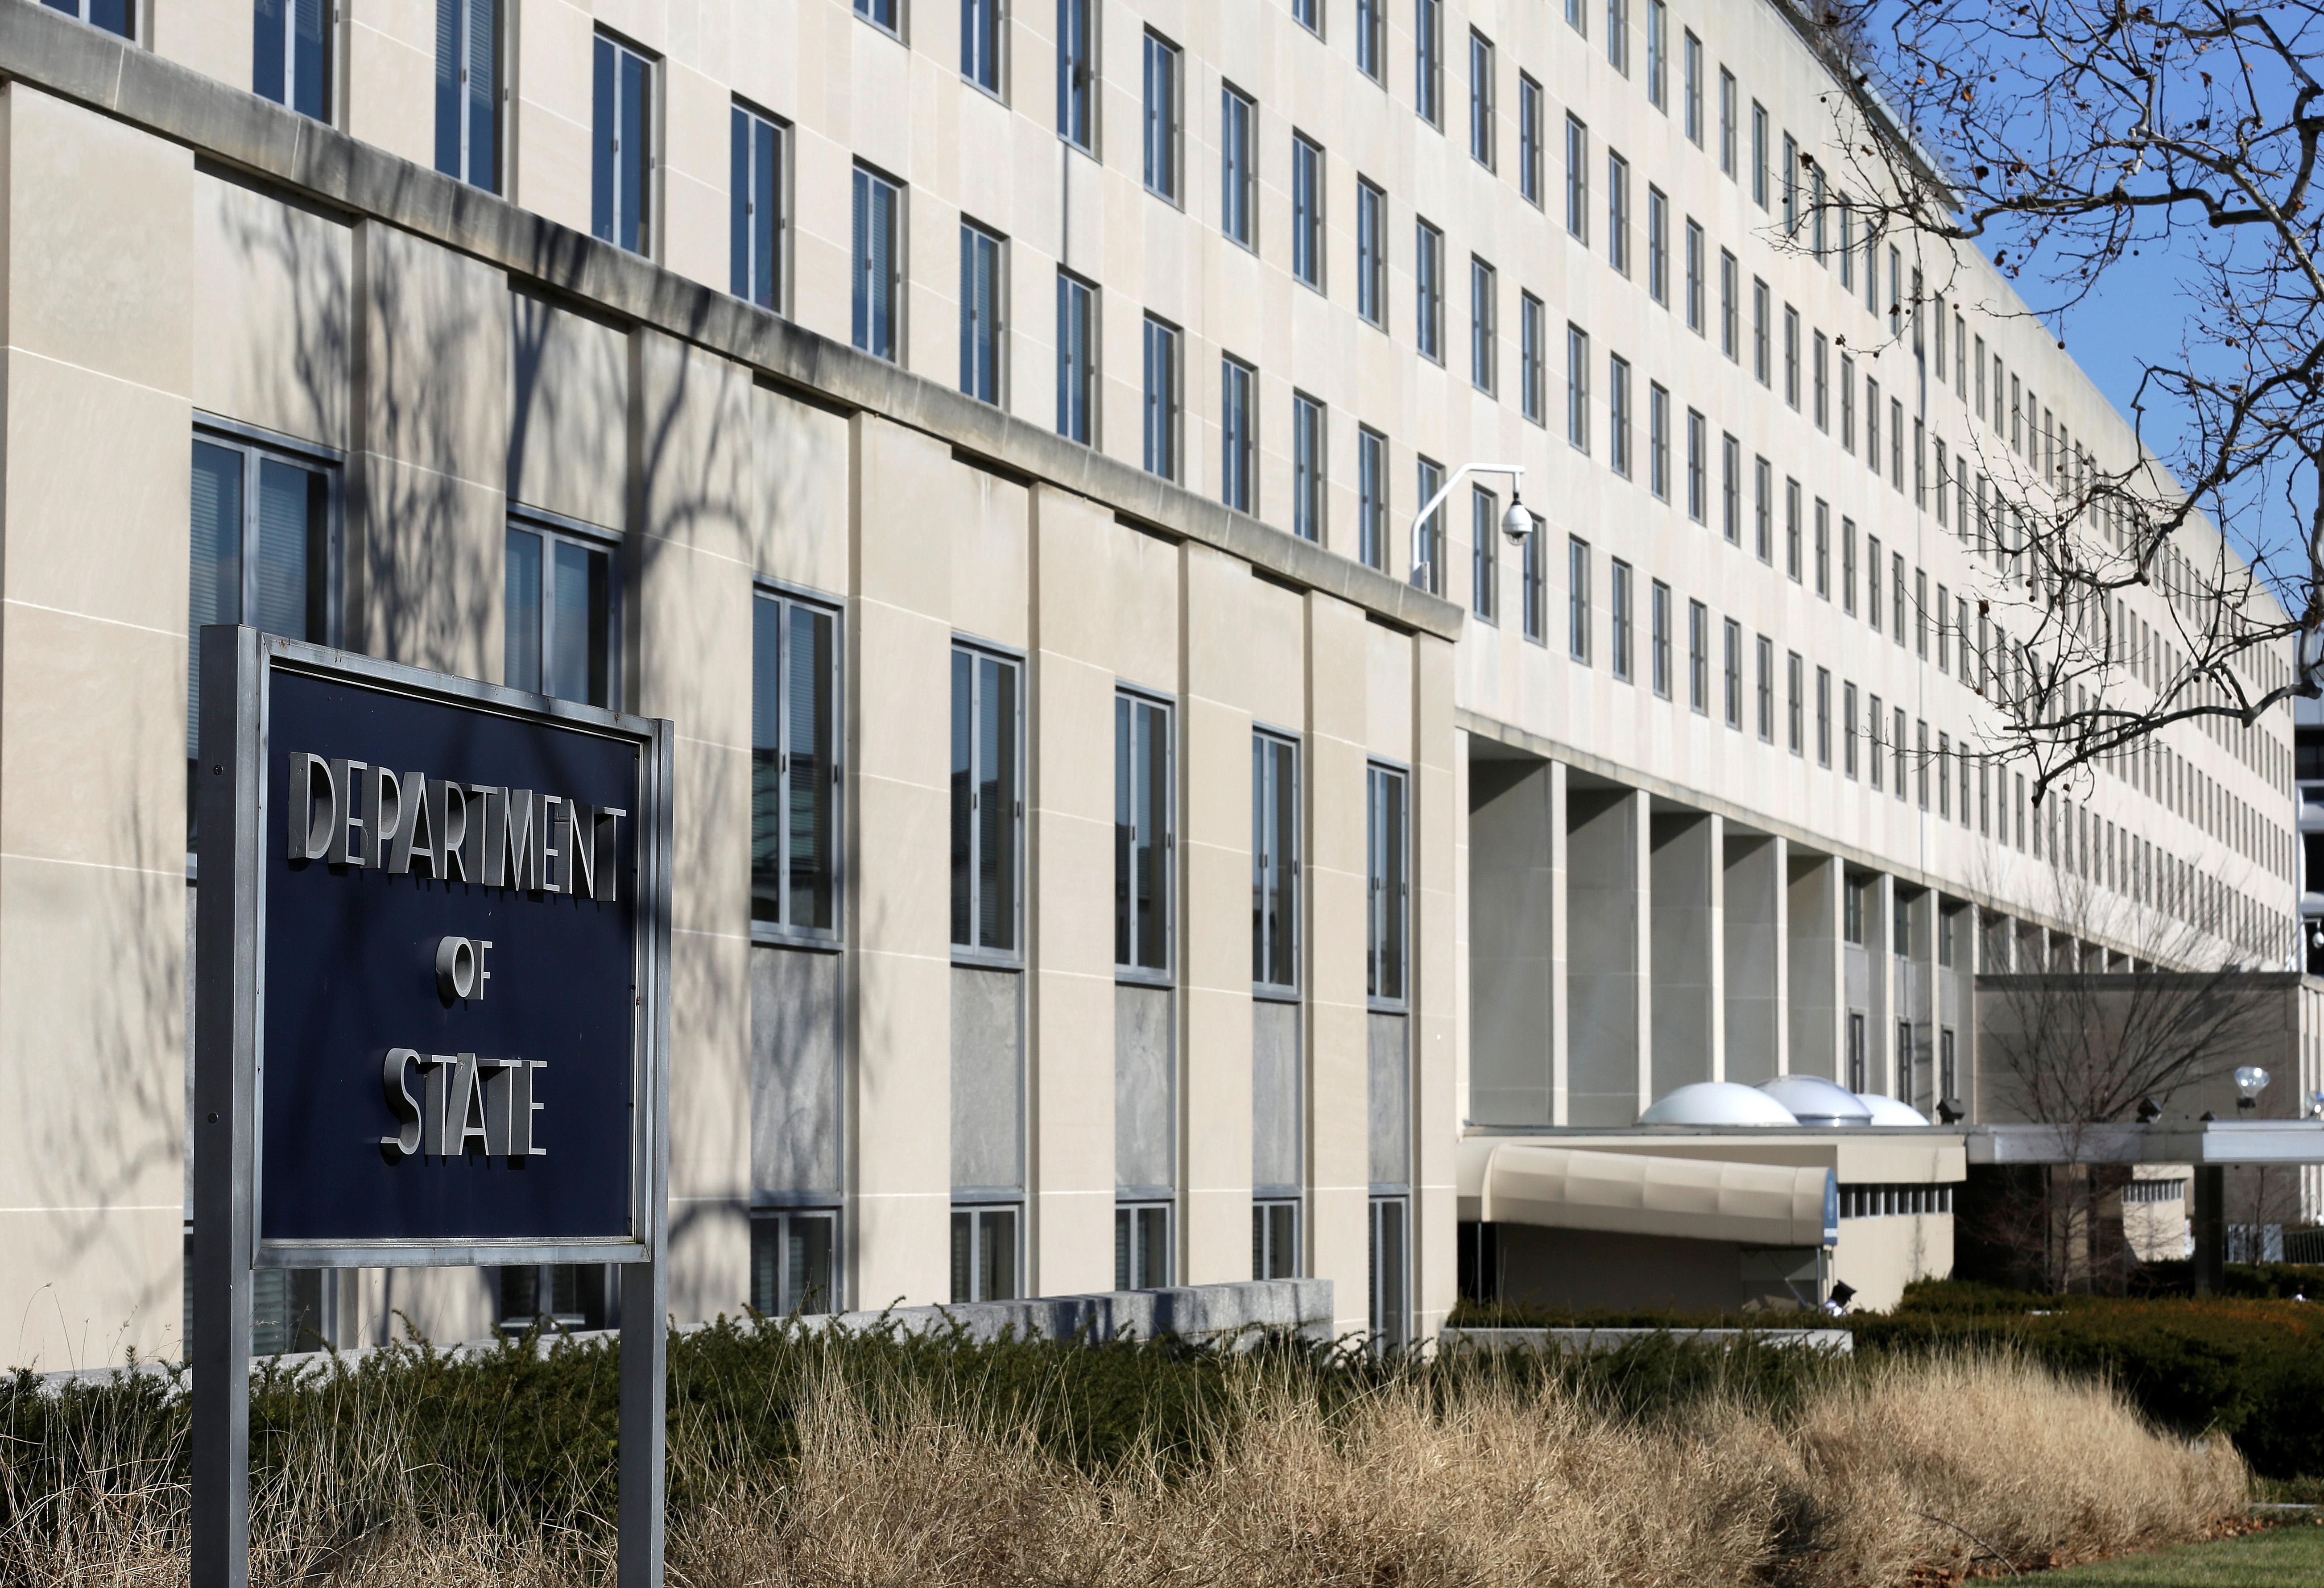 Para fortalecer a liderança global, os Estados Unidos devem promover e reter a diversidade em suas fileiras diplomáticas 2